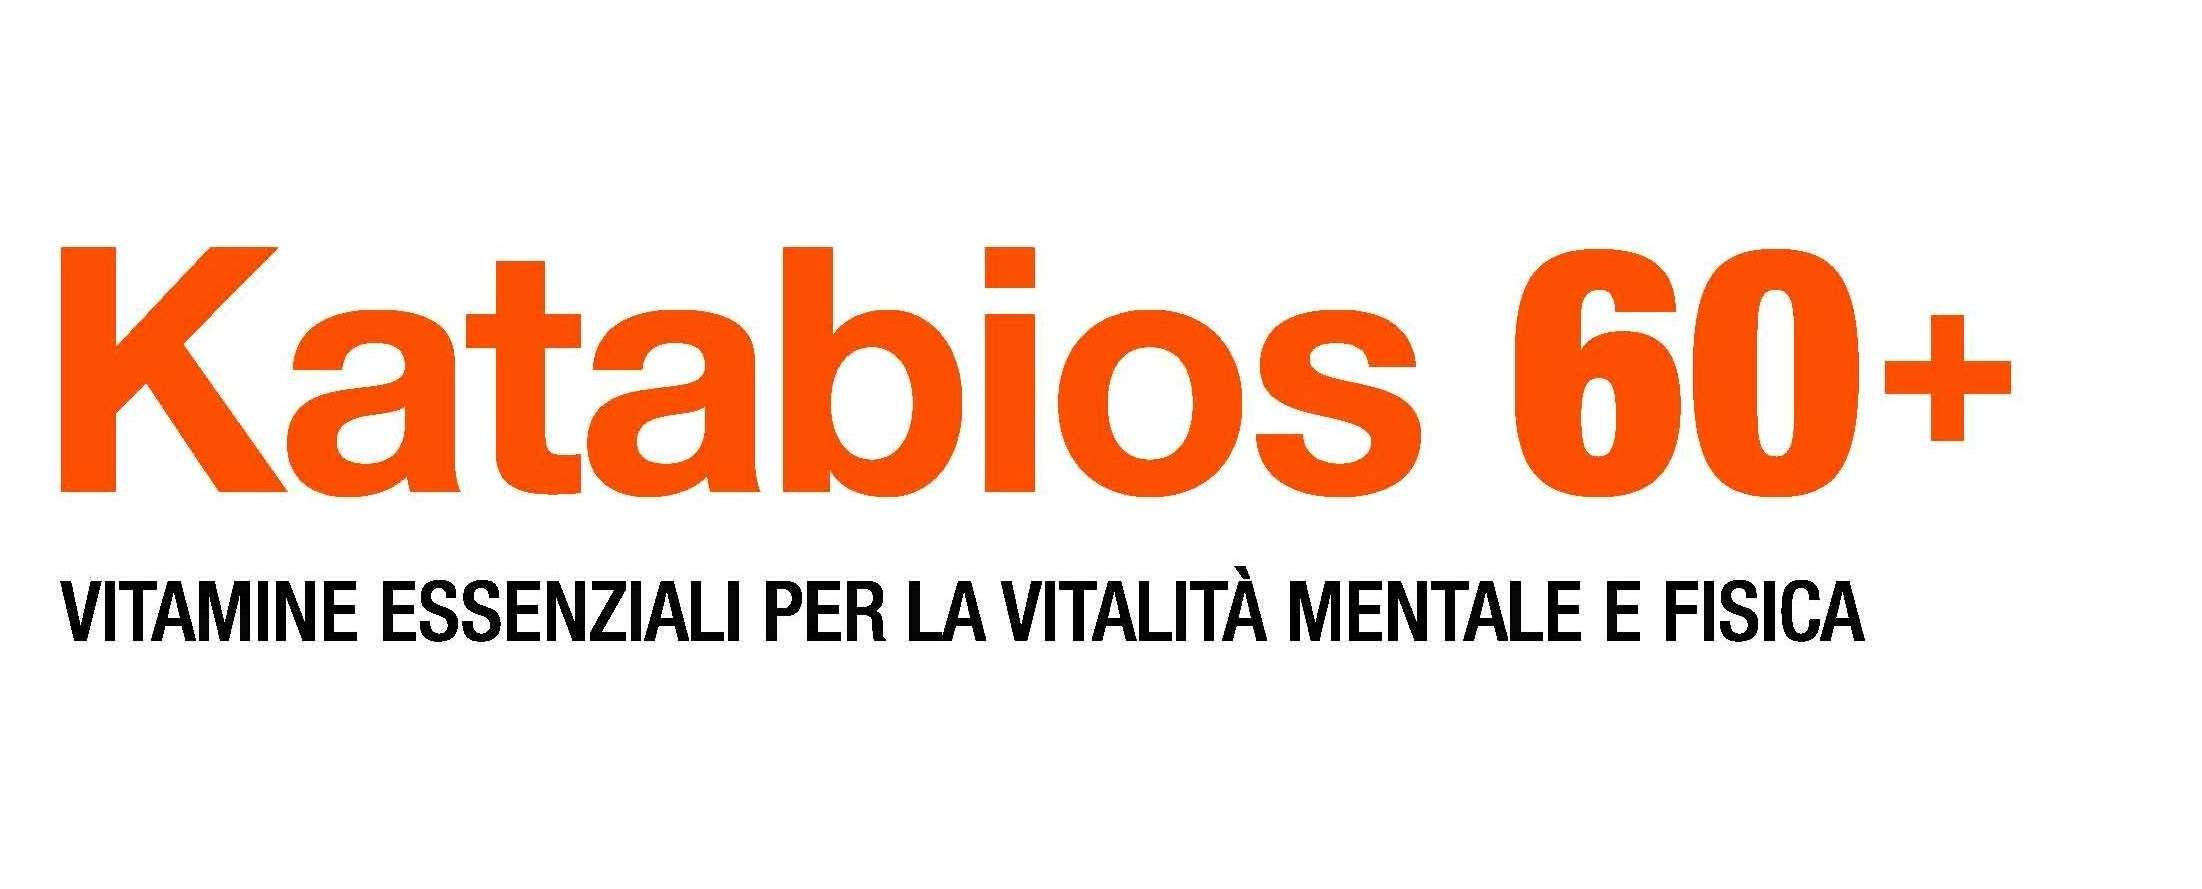 Katabios60 _Logo.jpg